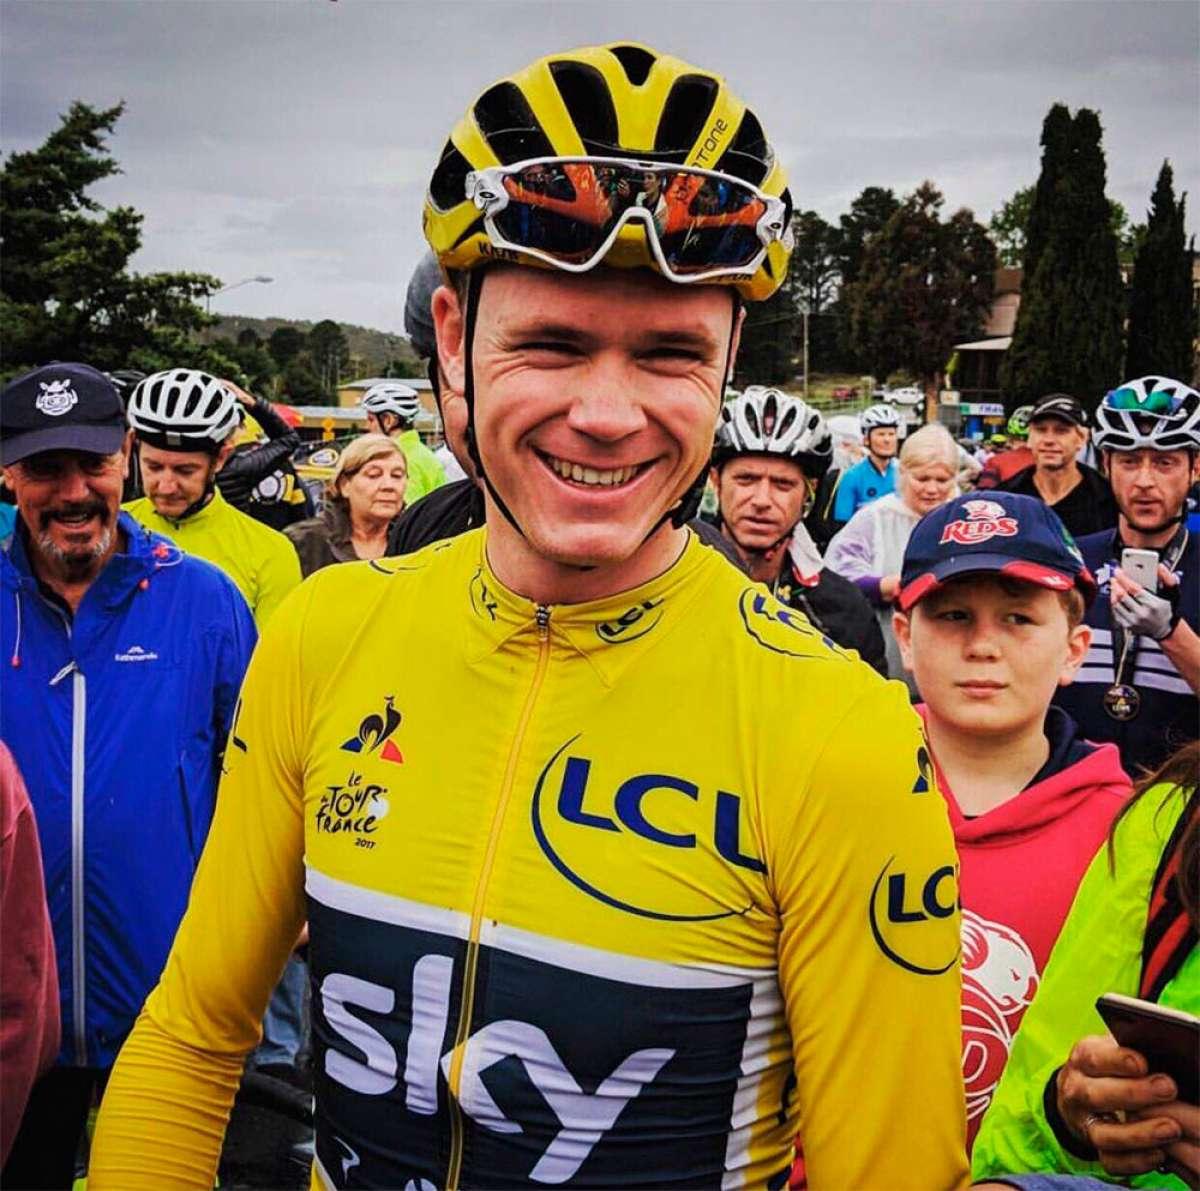 Chris Froome, el ganador de la Vuelta a España 2017, da positivo por dopaje